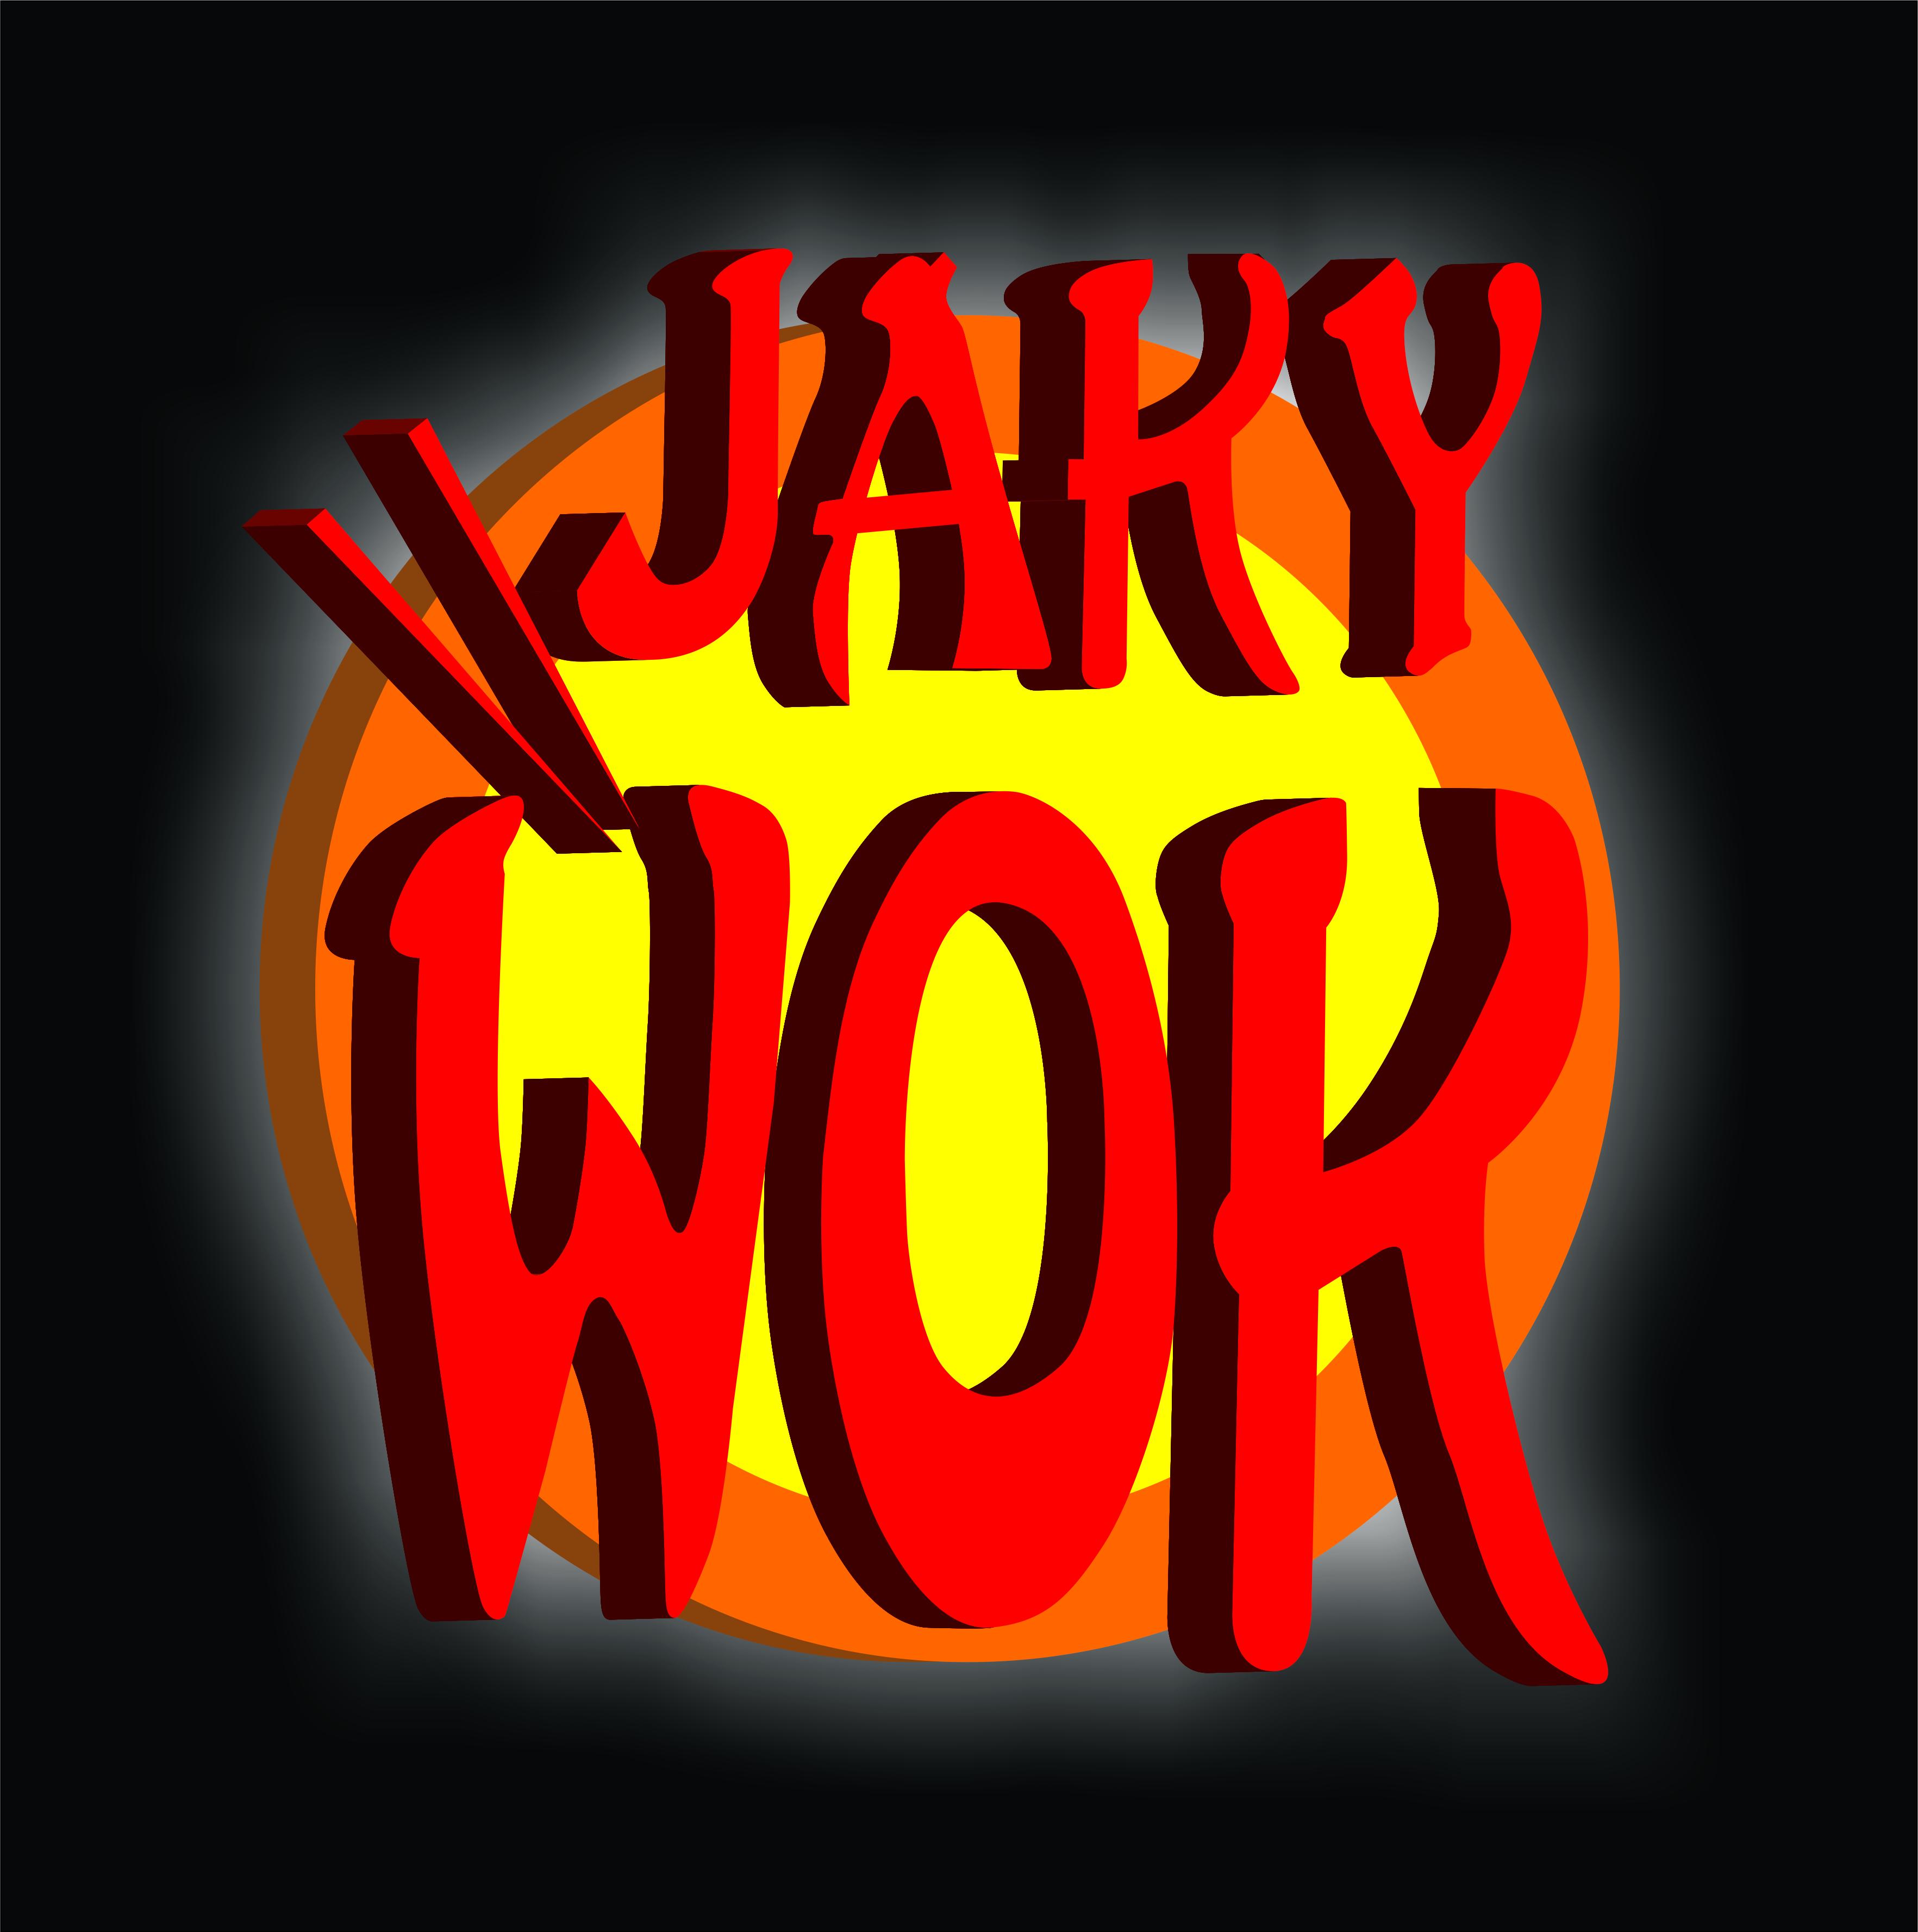 Jaky Wok